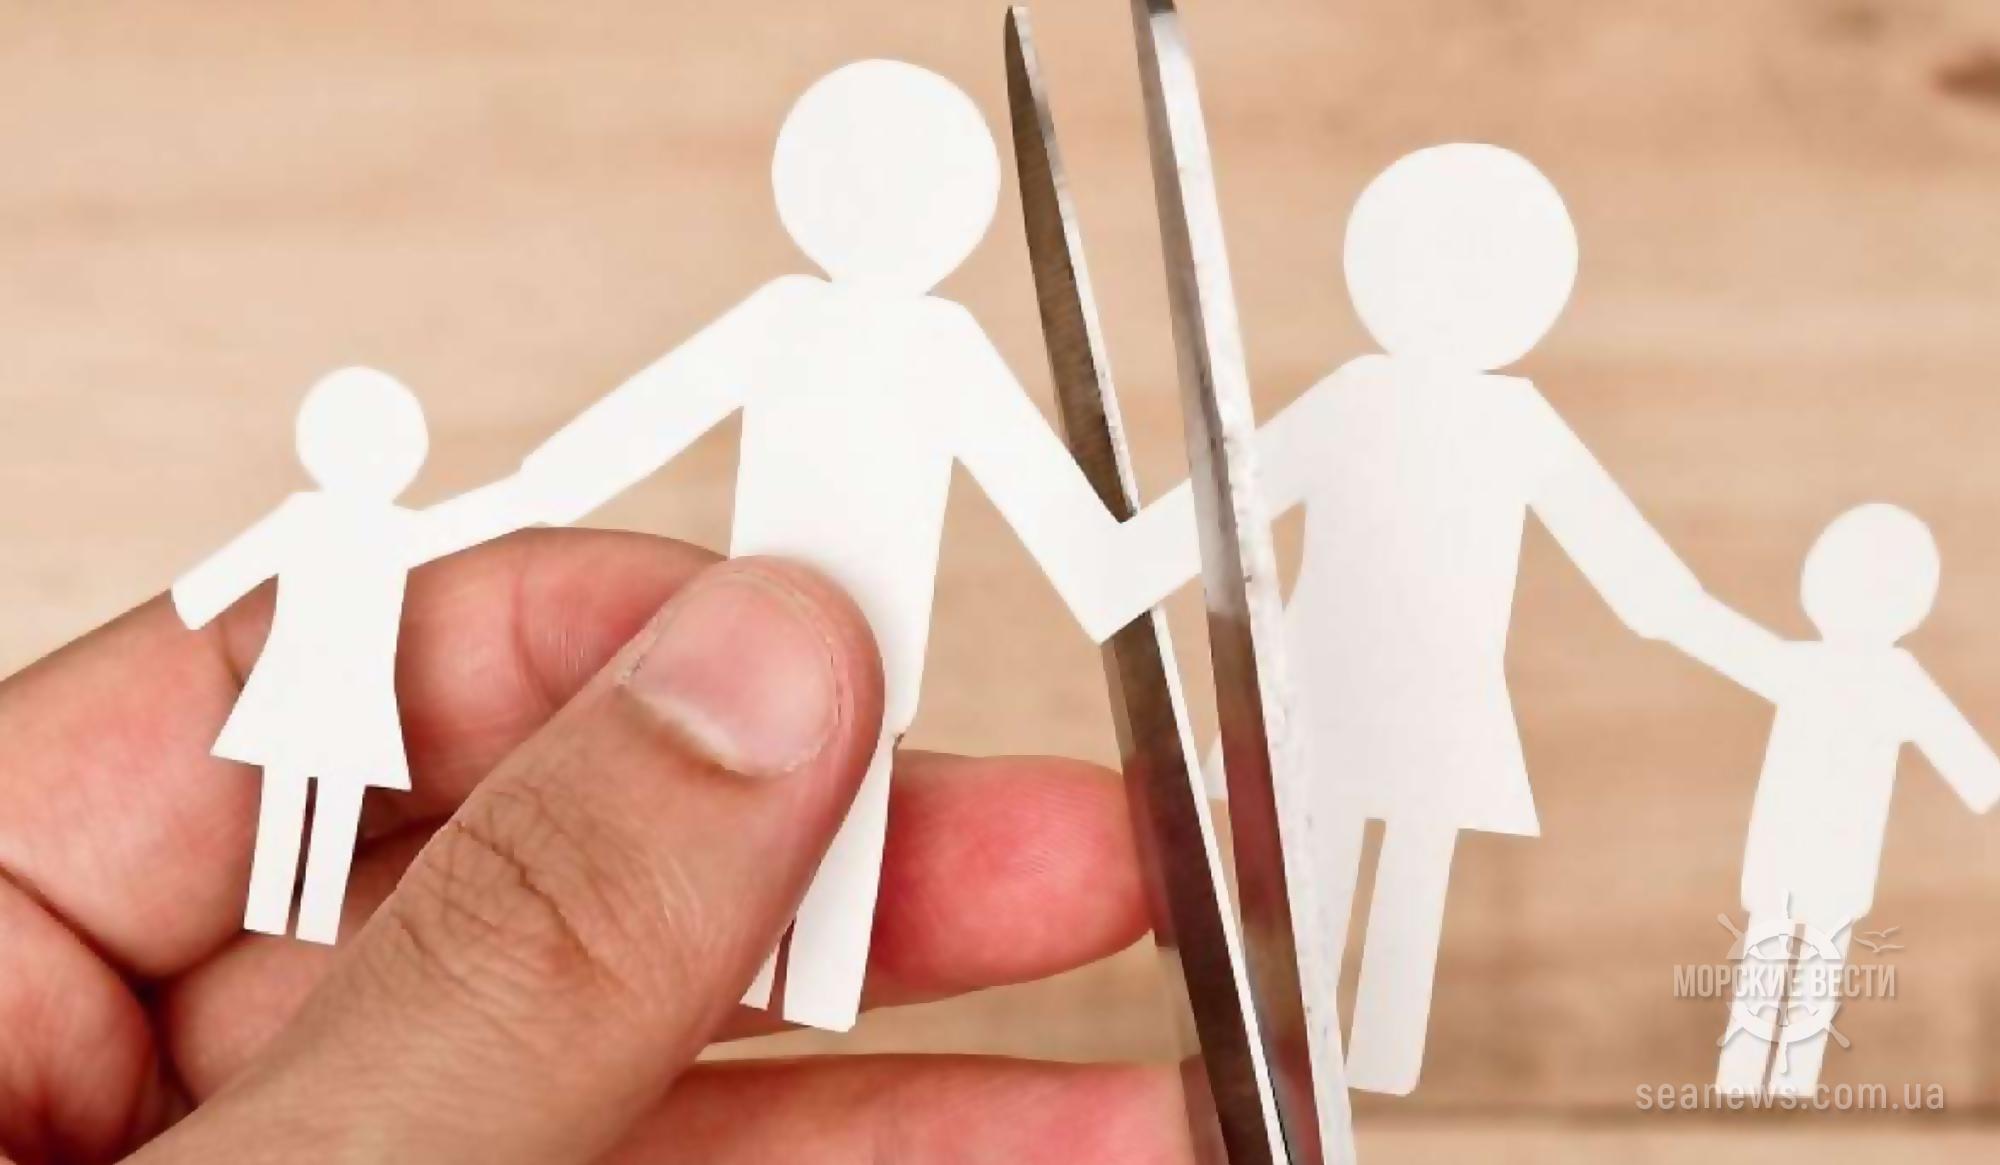 Из-за моряков Одесса лидирует по количеству разводов в стране